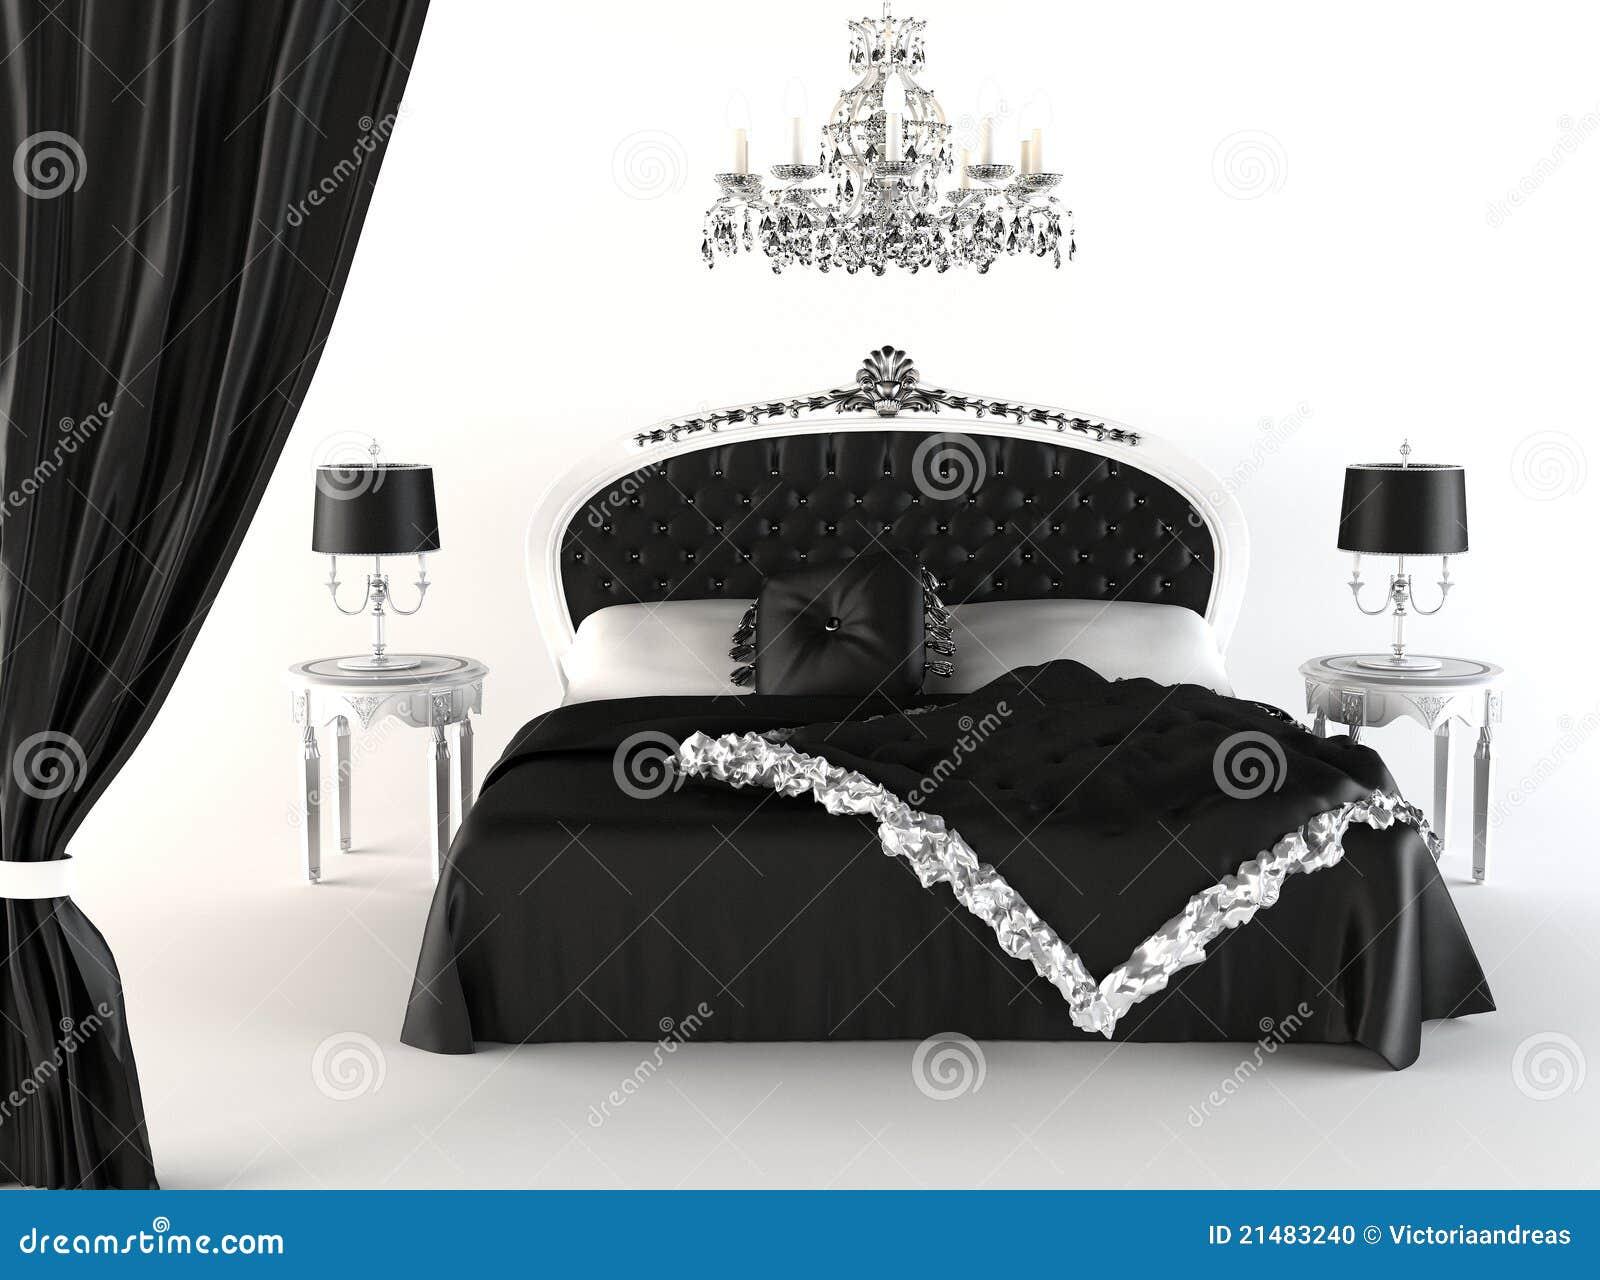 Moderne Slaapkamer En Koninklijk Meubilair. Stock Illustratie - Afbeelding: 21483240